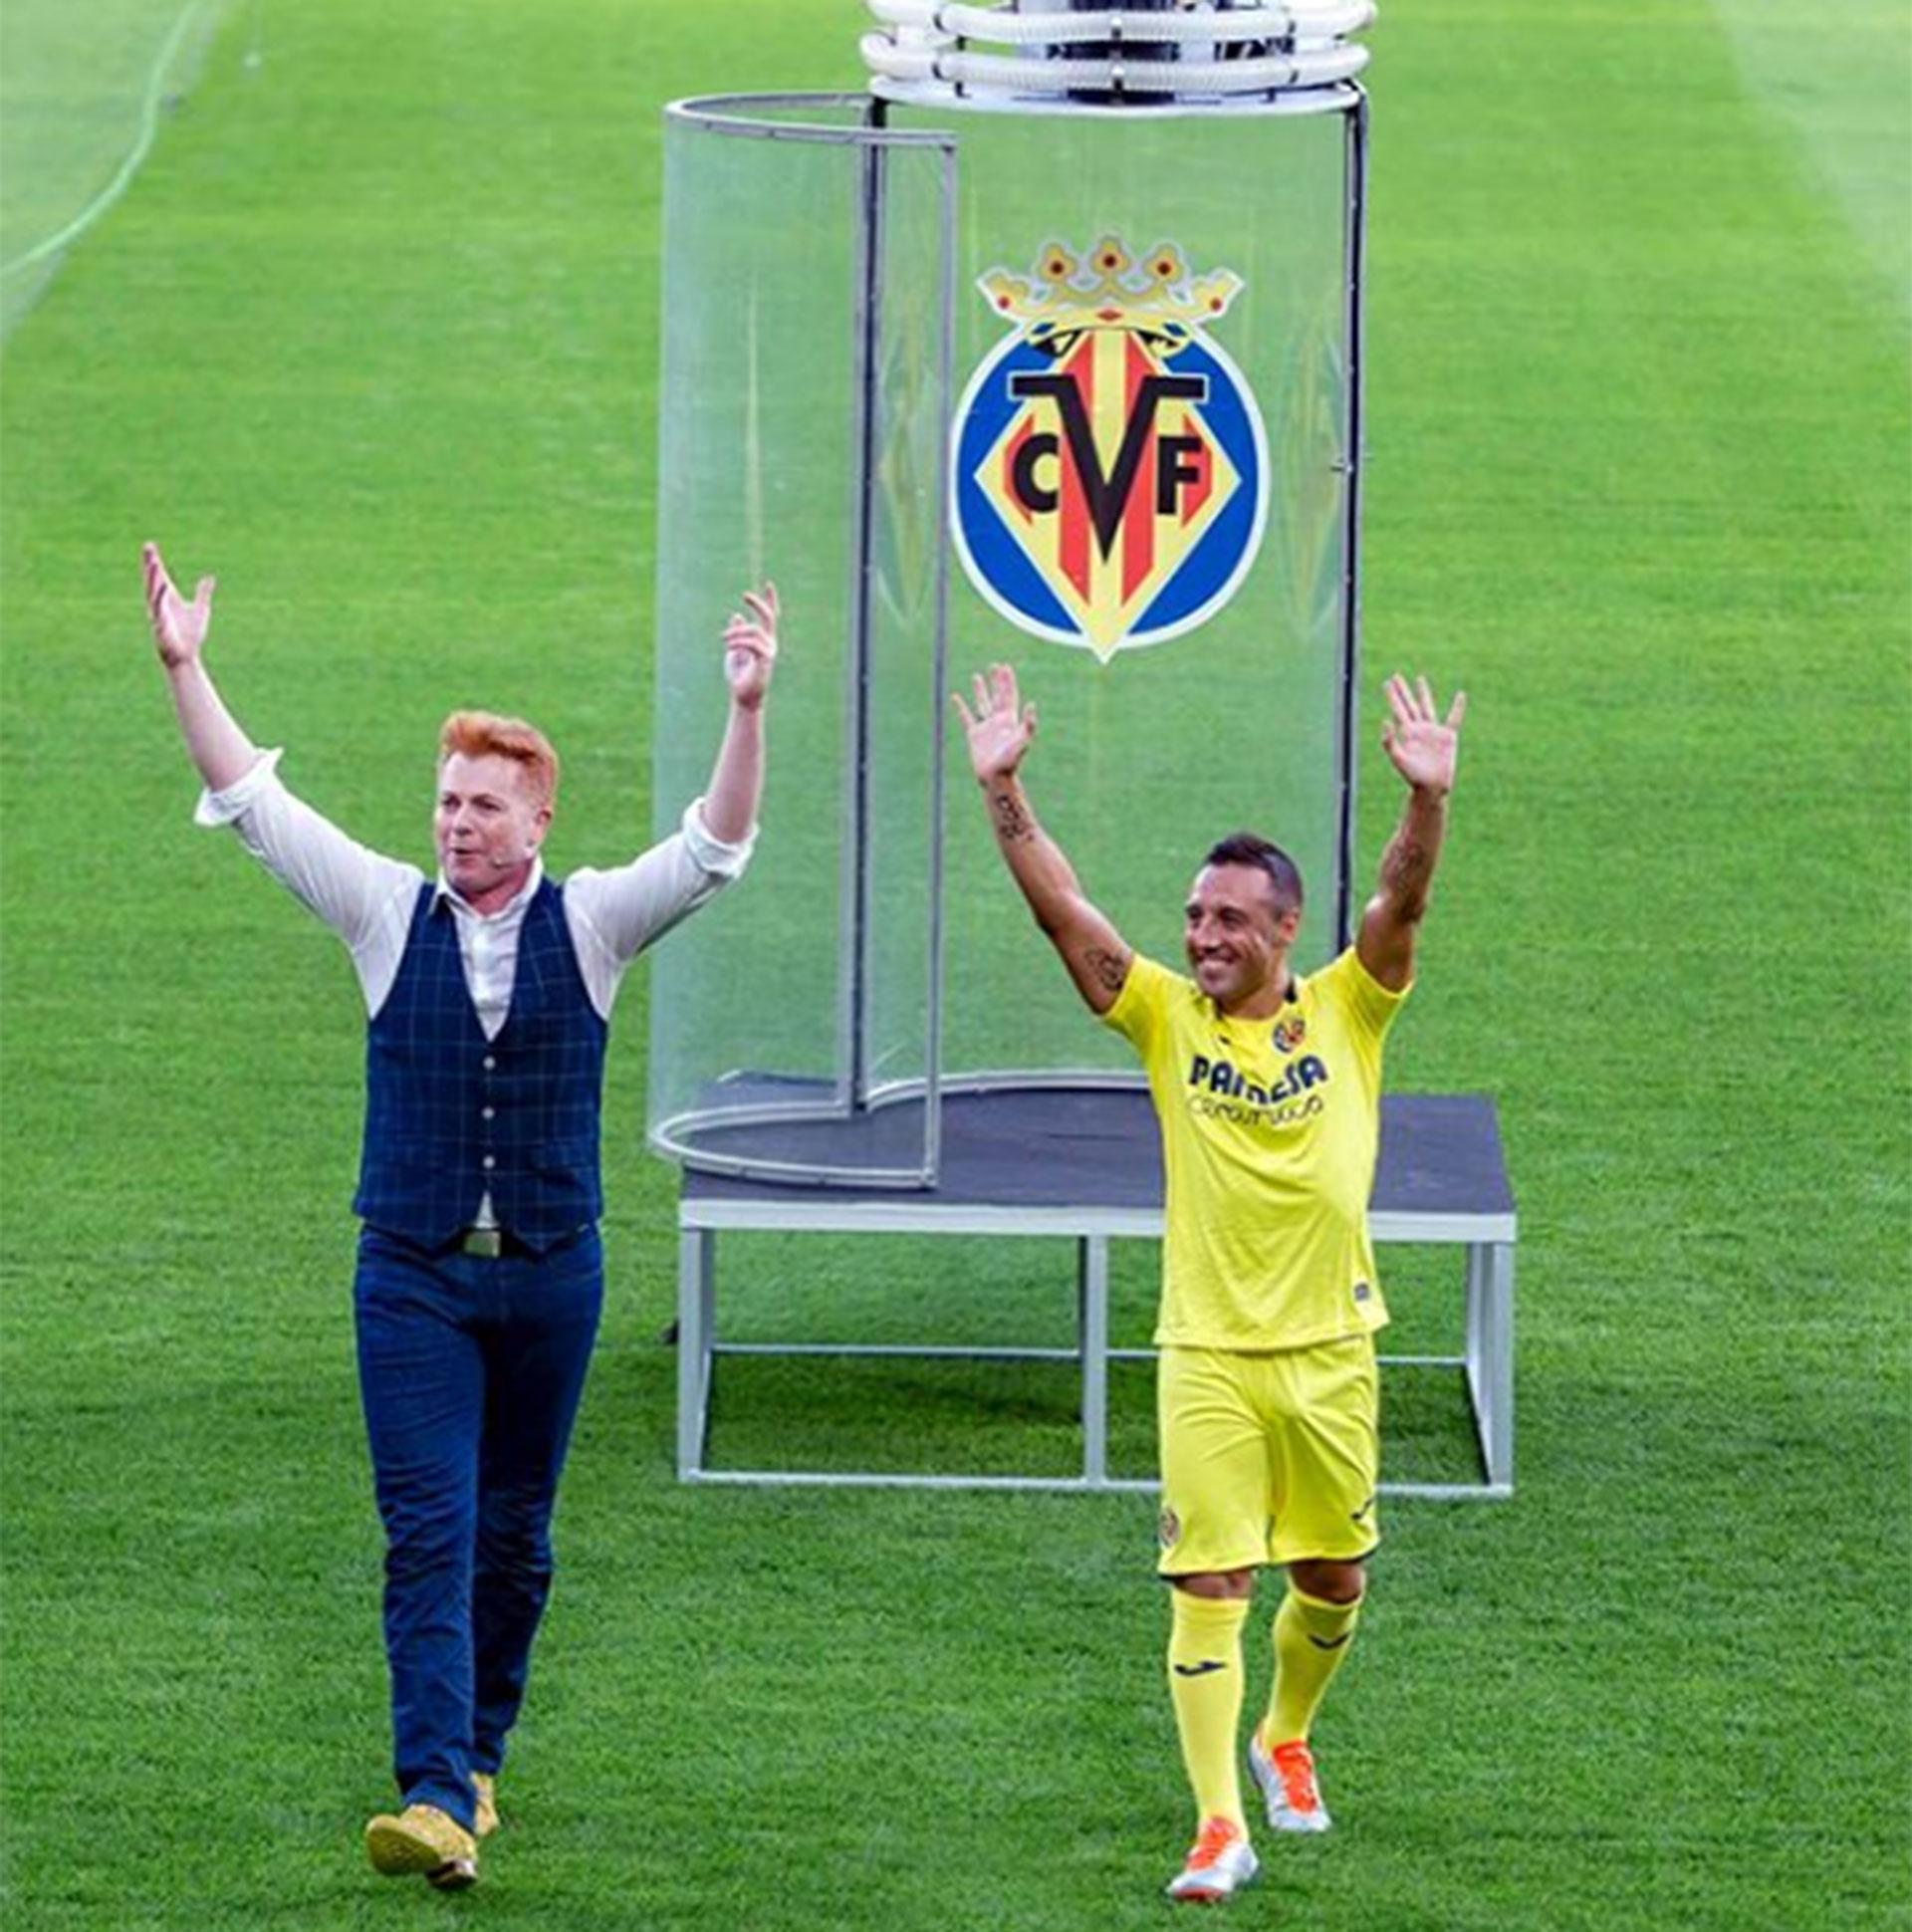 Cazorla es el nuevo refuerzo del Villareal en esta temporada